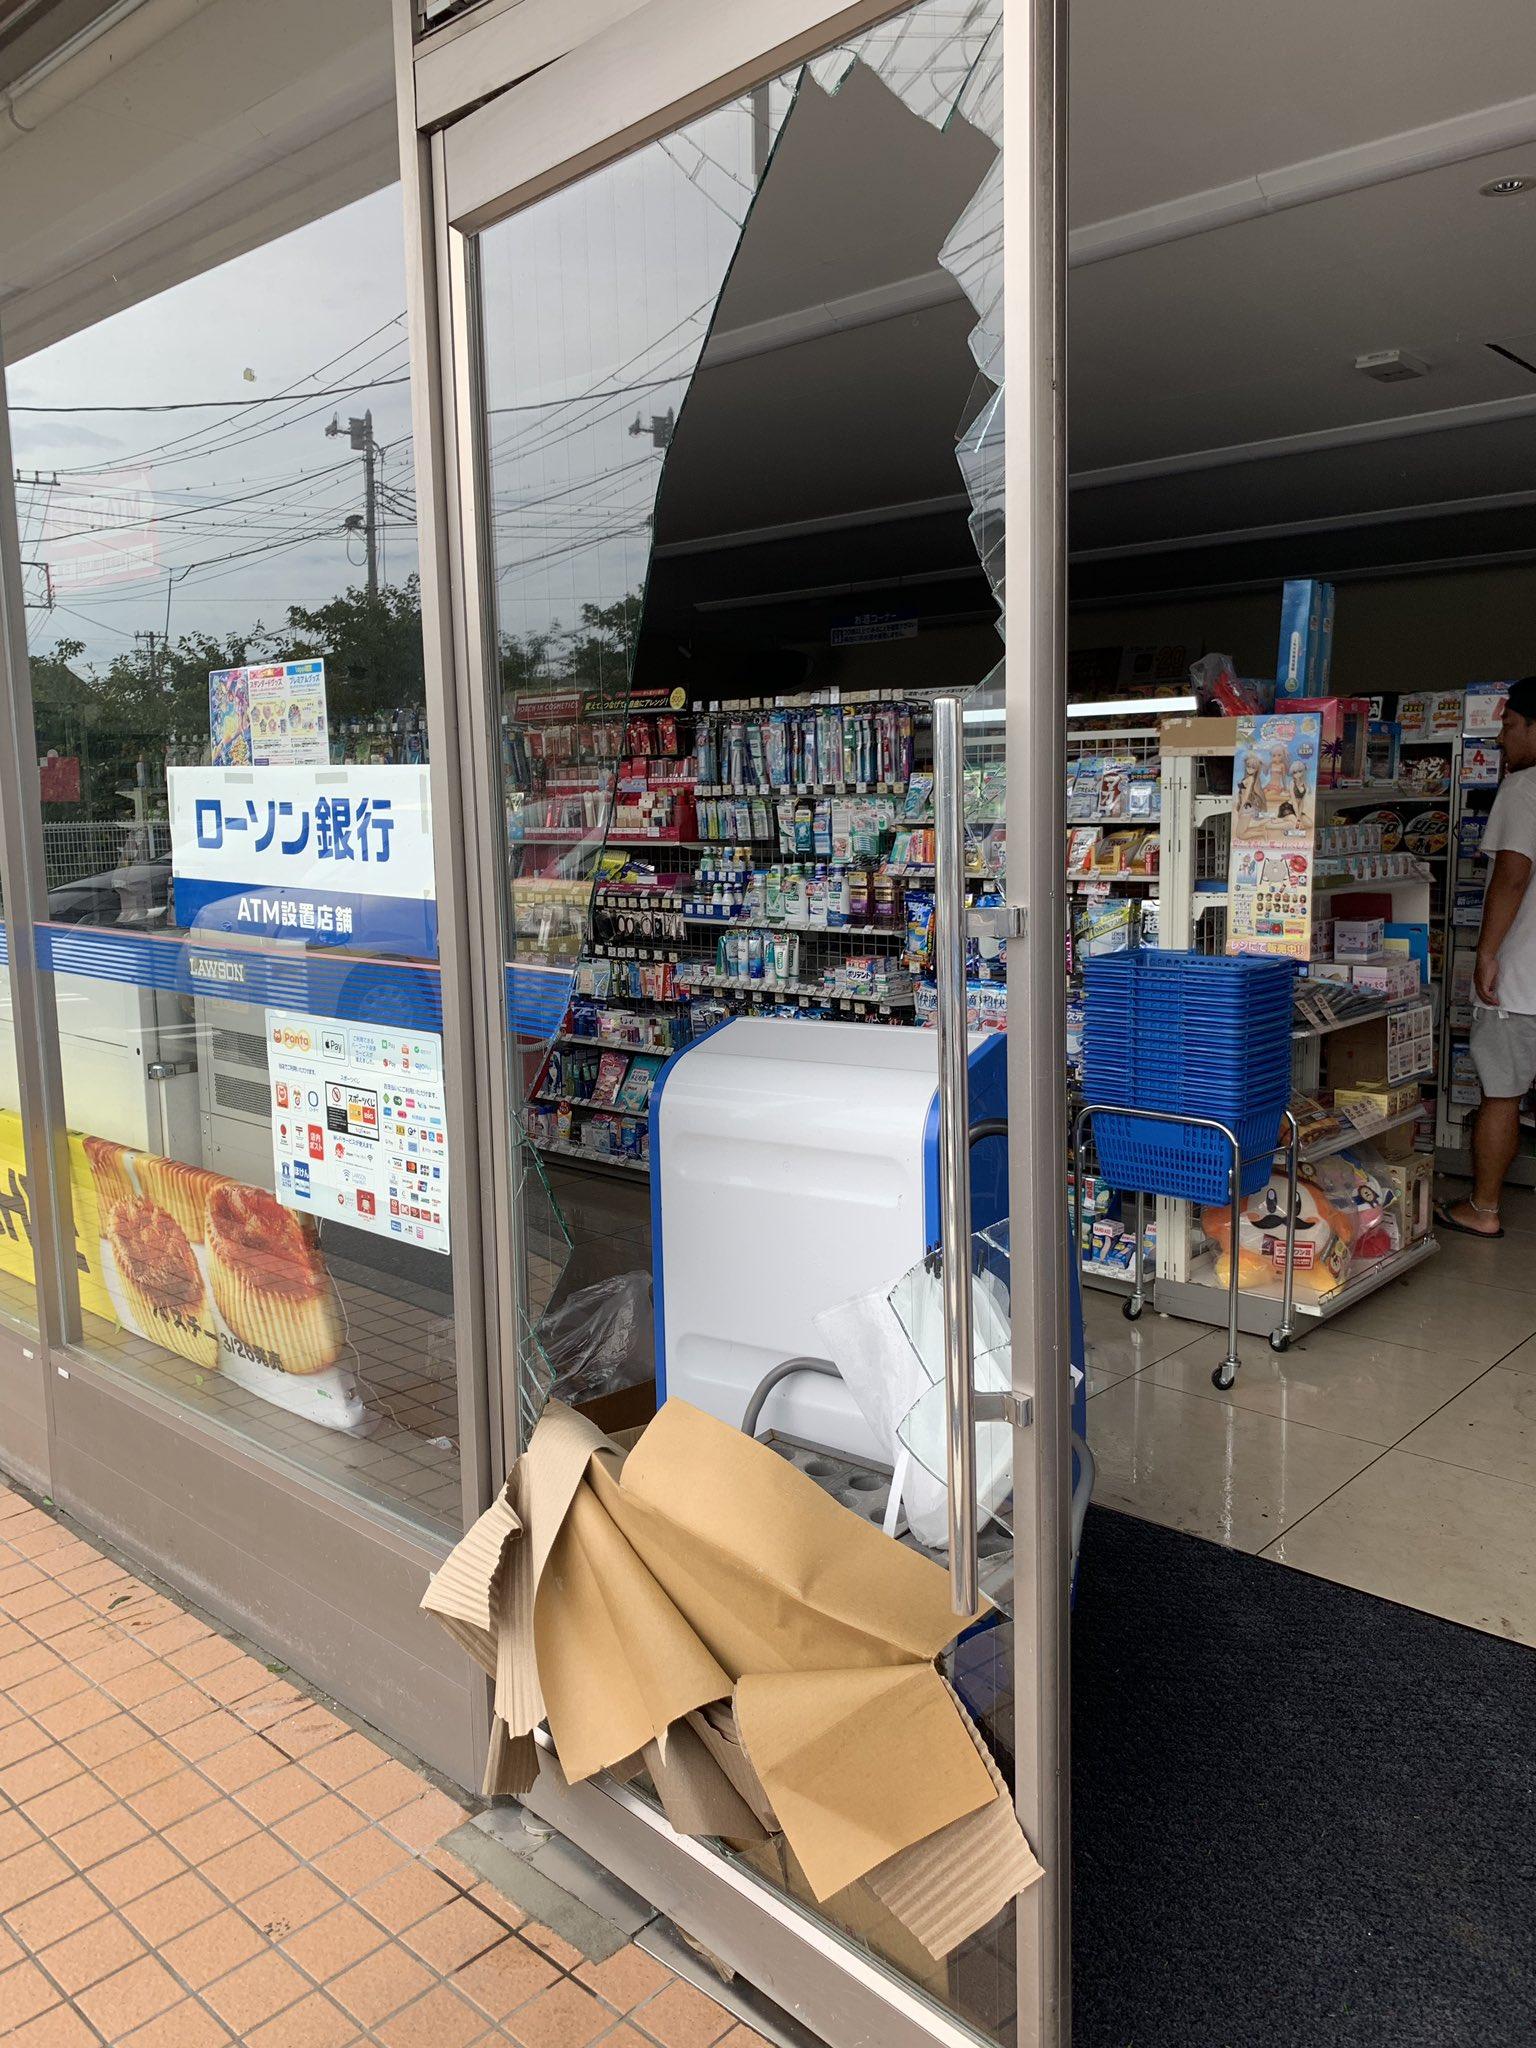 画像,千葉県鴨川市、現在も停電一部断水もあるようです。#鴨川市 で検索するとスーパーなど営業の様子が少しはわかりそうです。道路は信号が消えたままで、木やブロック塀が倒…